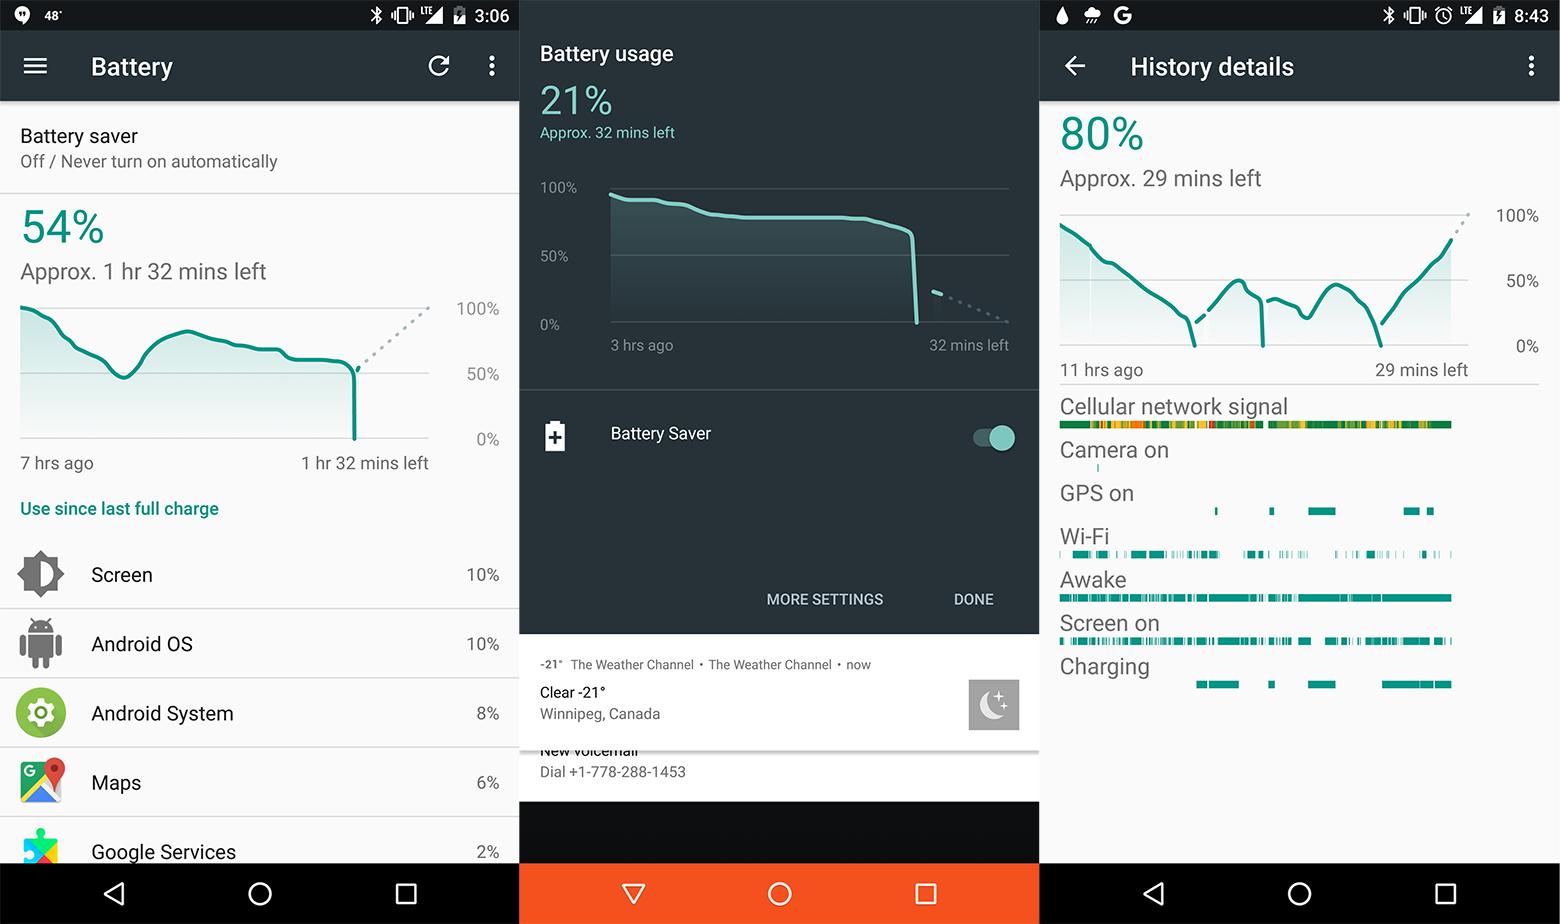 Некоторые смартфоны Google Pixel и Nexus 6P отключаются при индикации ≈30% заряда - 1